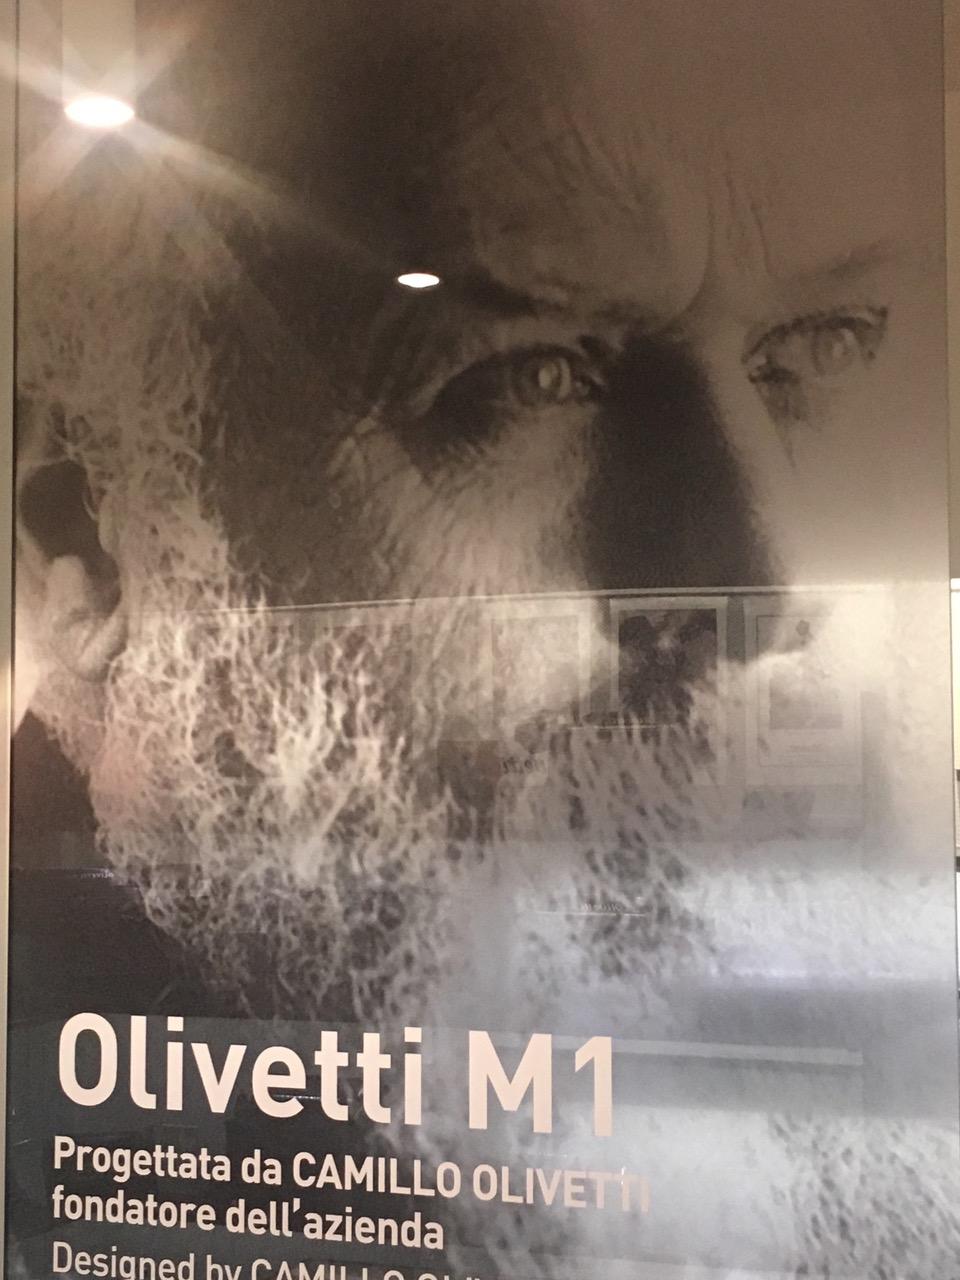 Camillo Olivetti